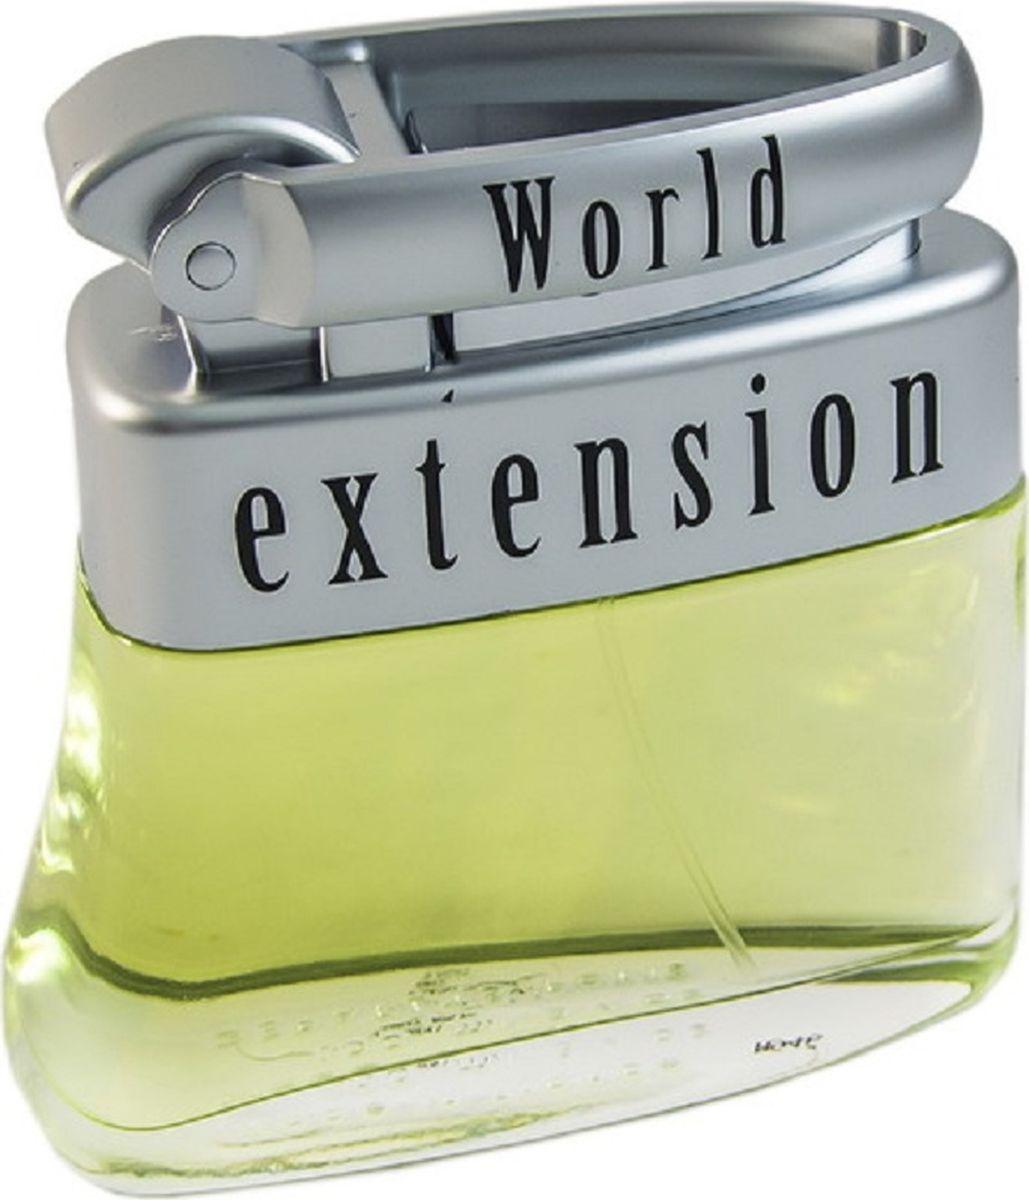 Geparlys Туалетная вода World Extension men, 100 мл3700134400208Известный аромат Geparlys WORLD EXTENSION men придется по вкусу всем ценителям классики. Древесно-цитрусовый, пряный, умеренный. Основная парфюмерная композиция: имбирь, чайное дерево, гранат, амбра, цедра.